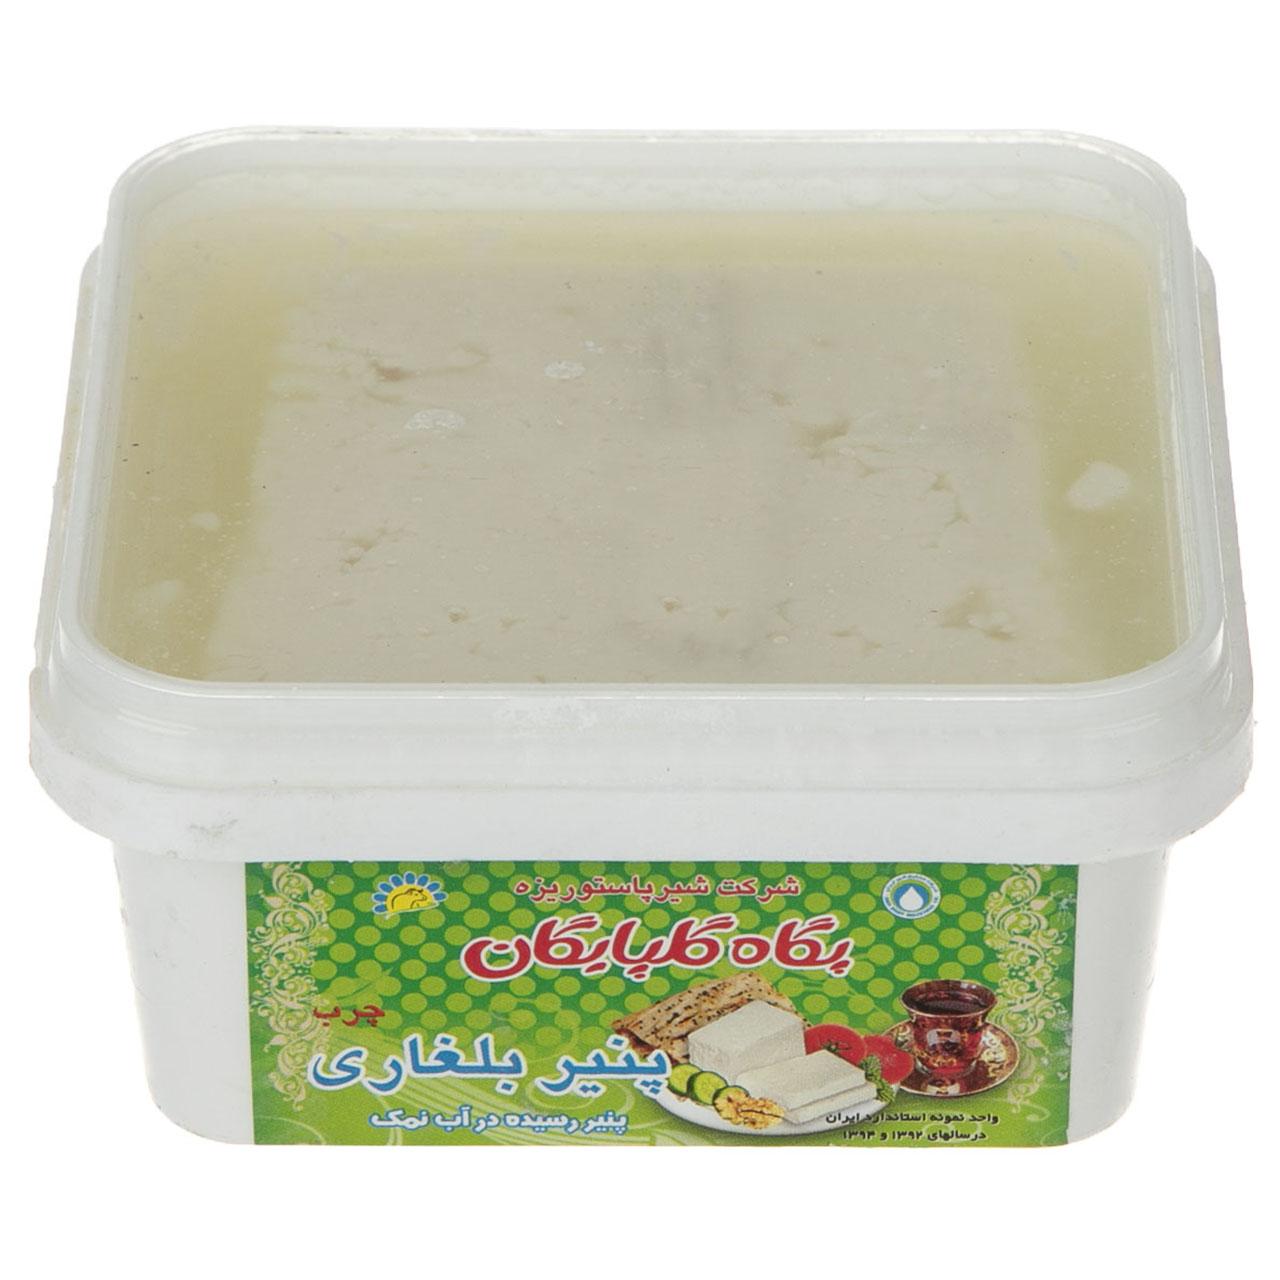 پنیر بلغاری پگاه مقدار 200 گرم